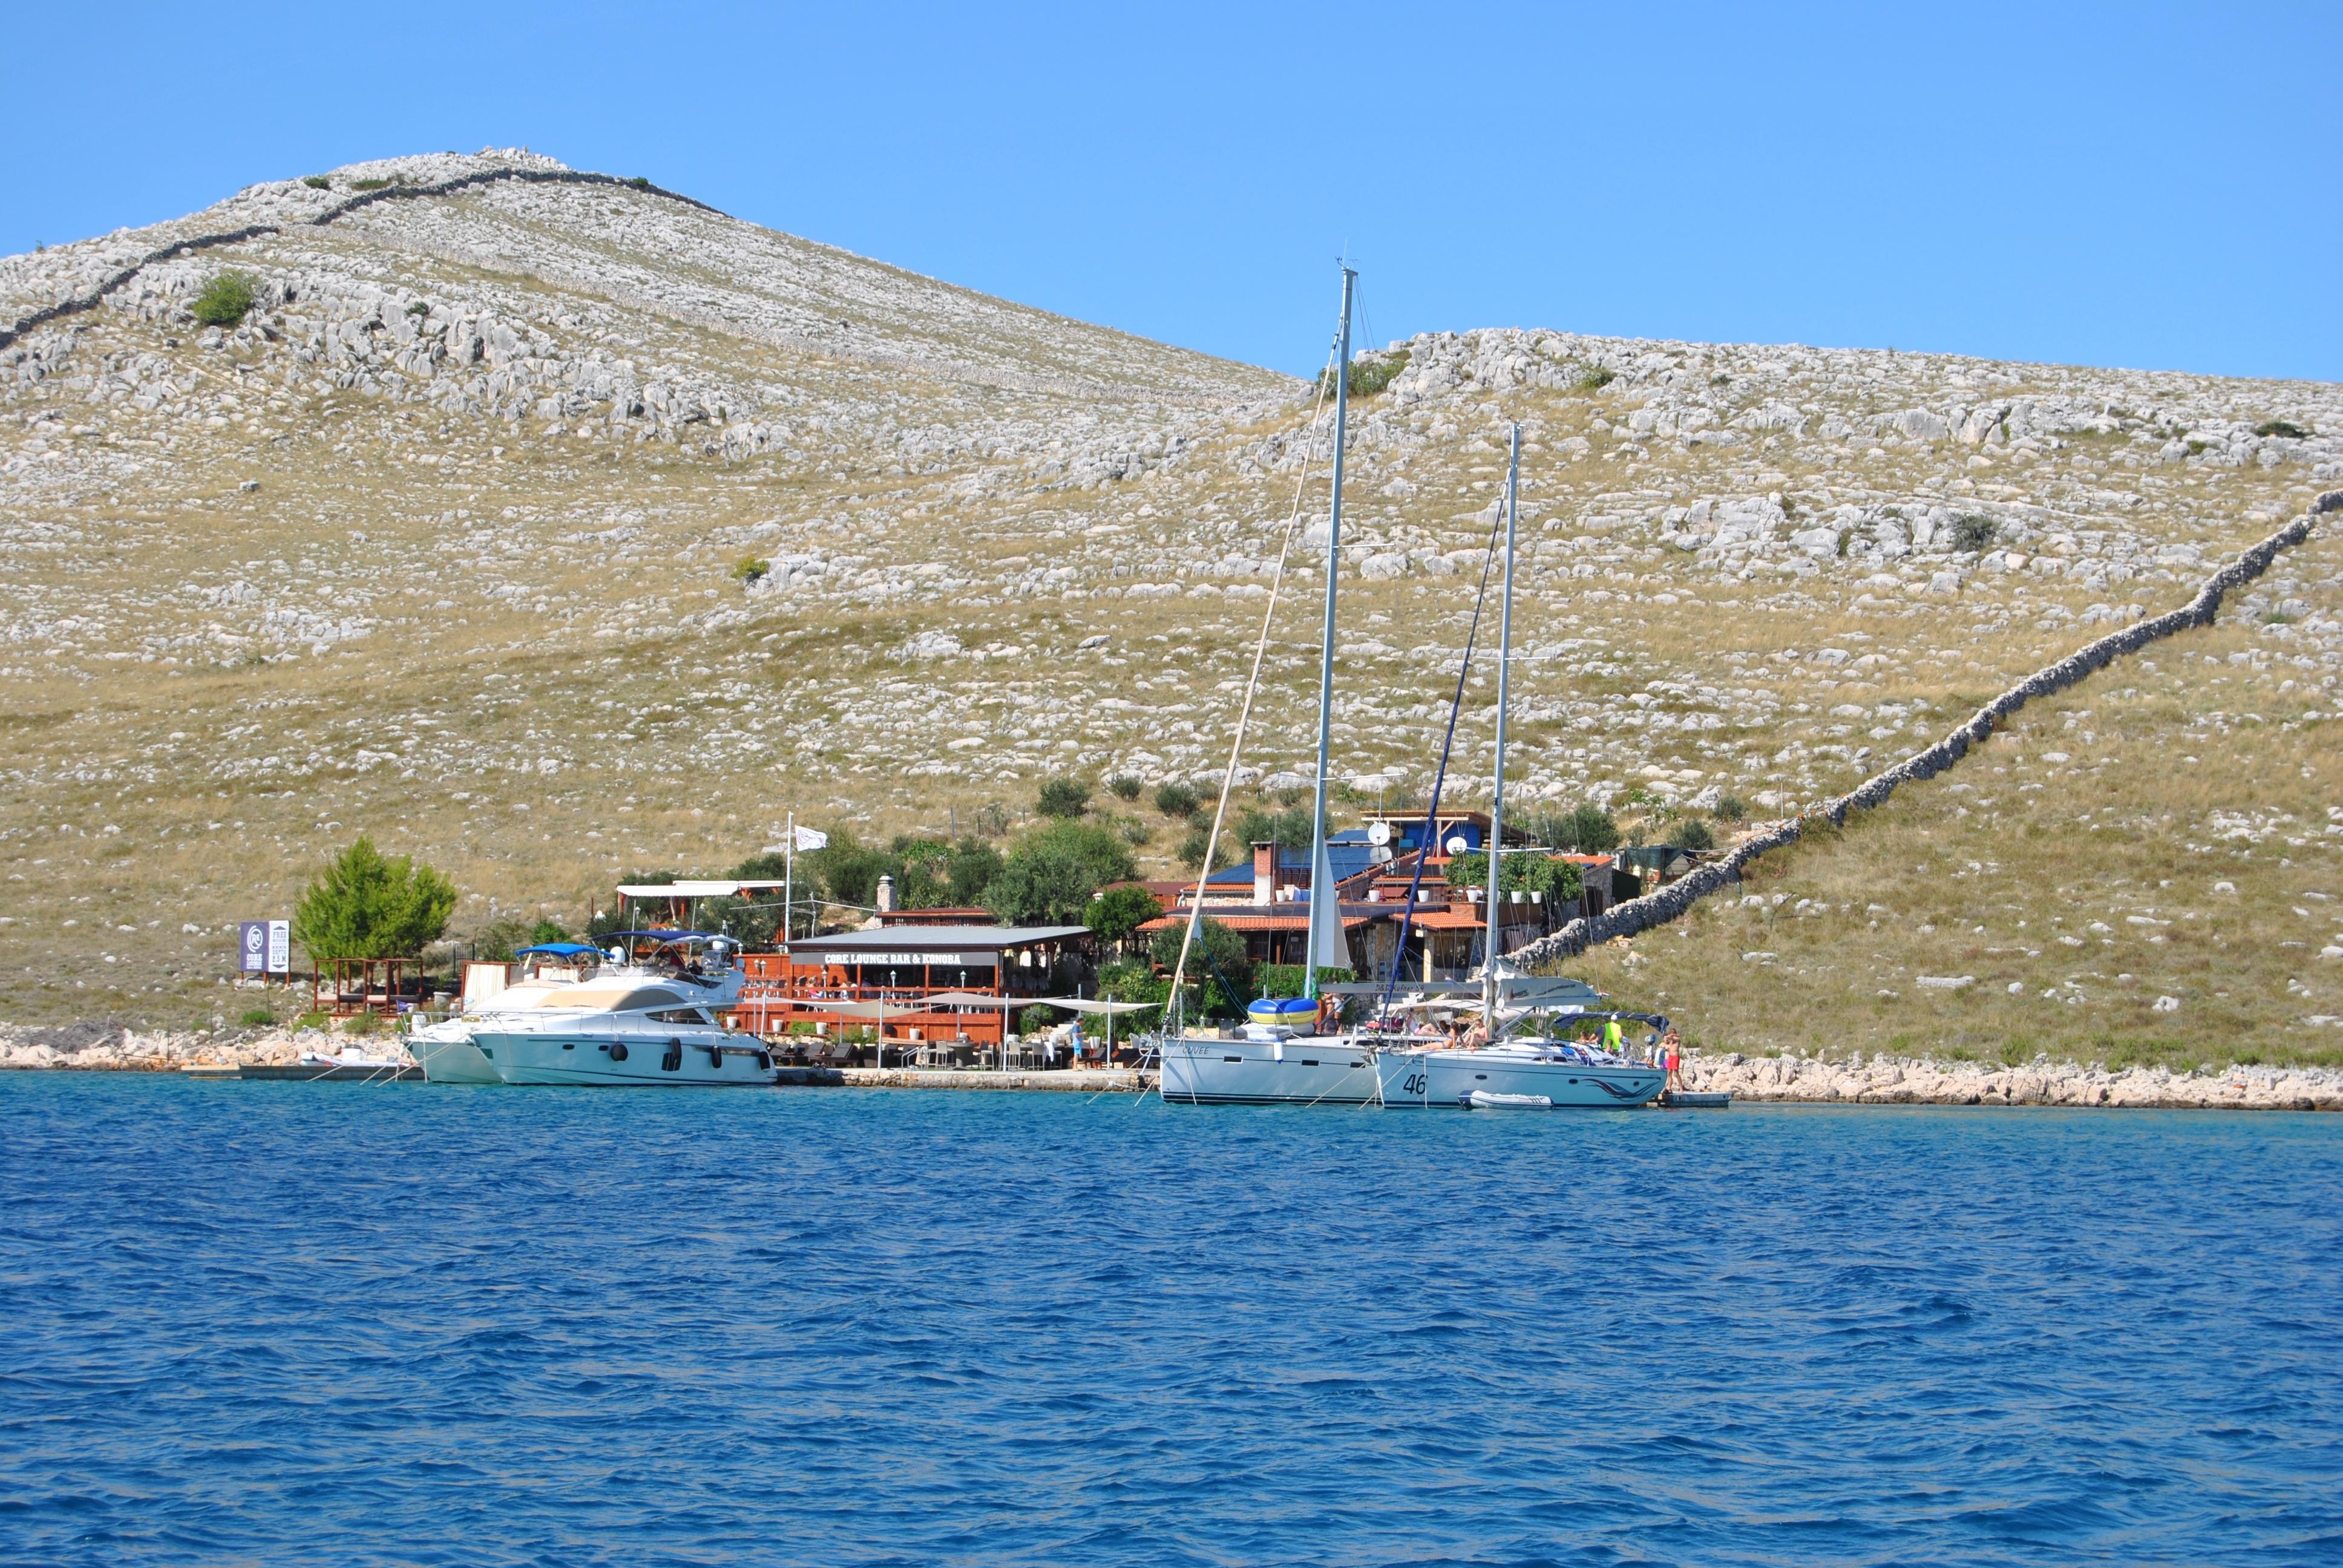 Croatia port summer